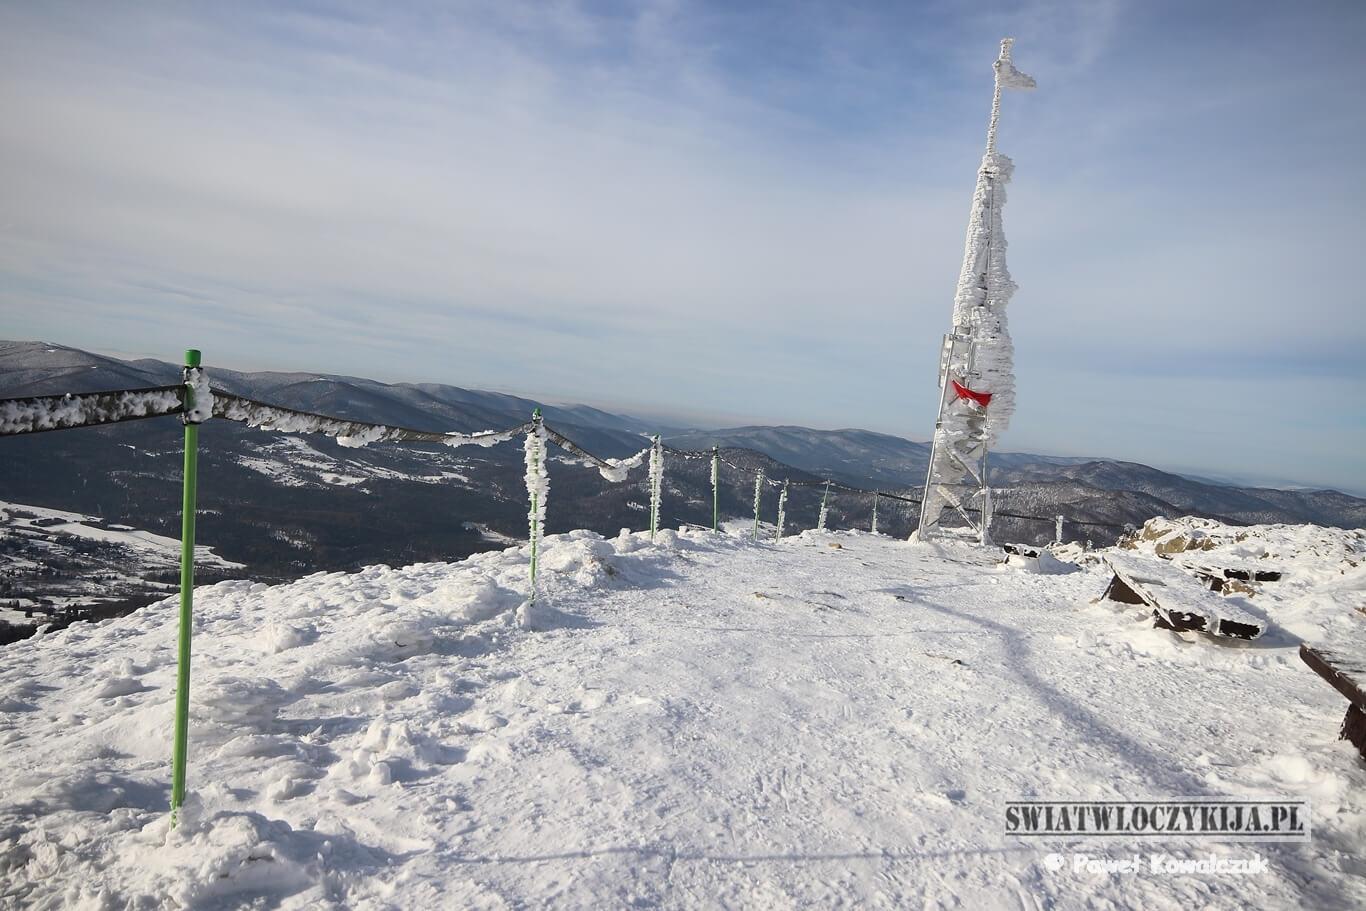 Bieszczady - krzyż na szczycie góry Smerek. Na zdjęciu oblodzony krzyż. W tle góry i śnieg.